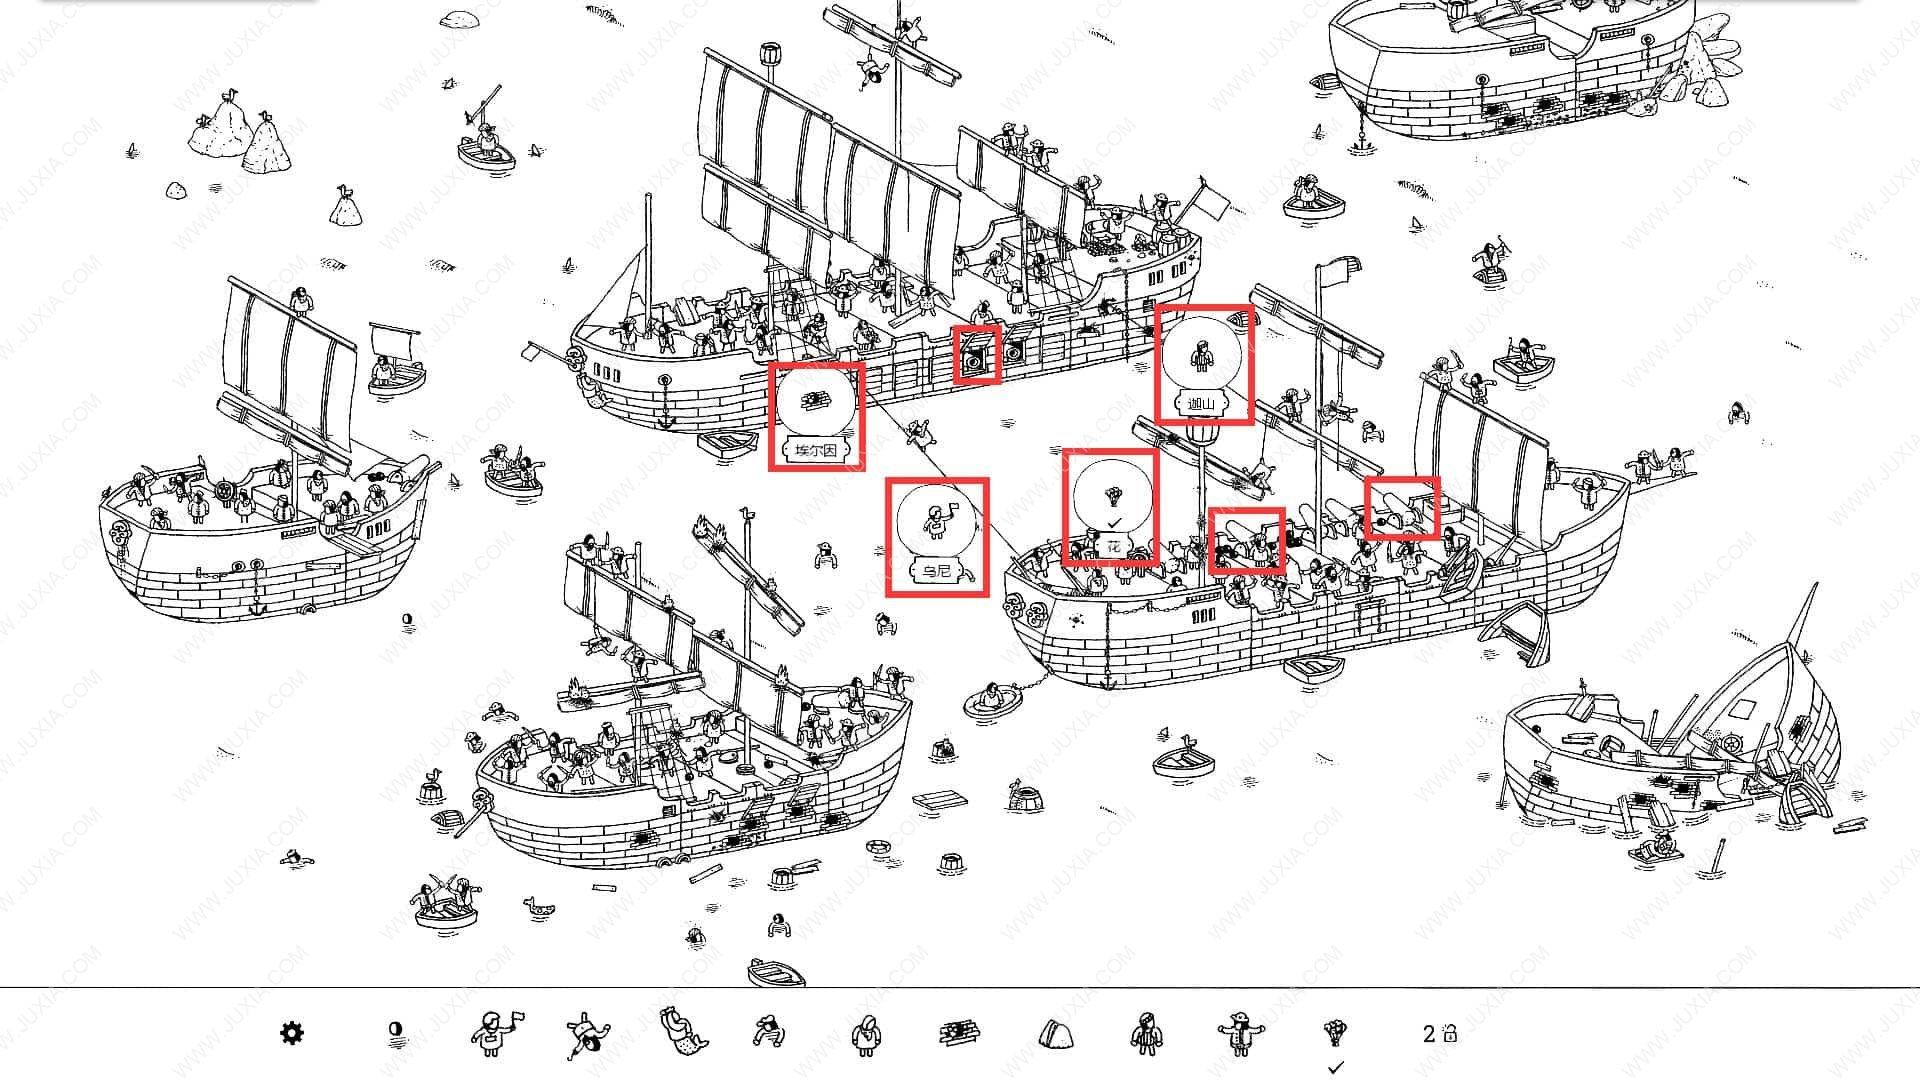 隐藏的家伙海滩攻略5 HiddenFolks图文攻略海滩第五关